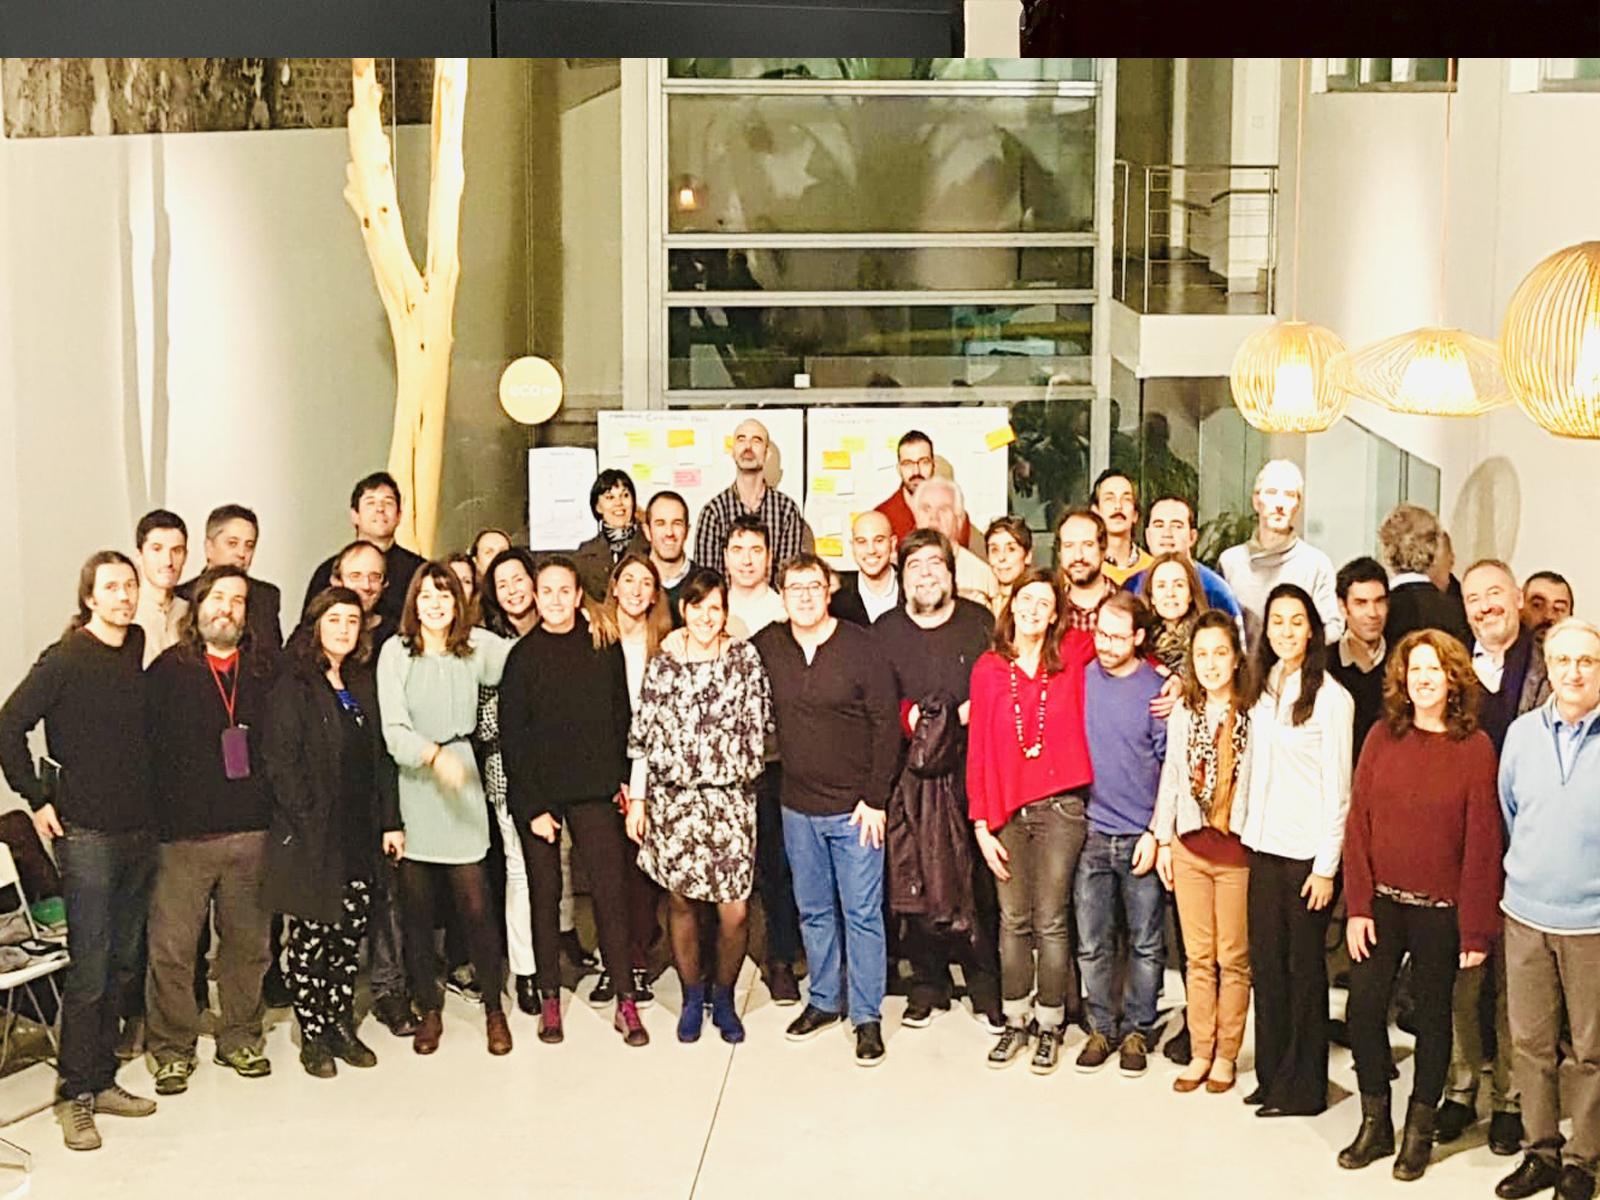 Sannas - Pertenezco a la junta directiva de Sannas: la Asociación de empresas de Triple Balance líder en España. Soy la responsable de la expansión de focos territoriales e internacionalización de la misma.